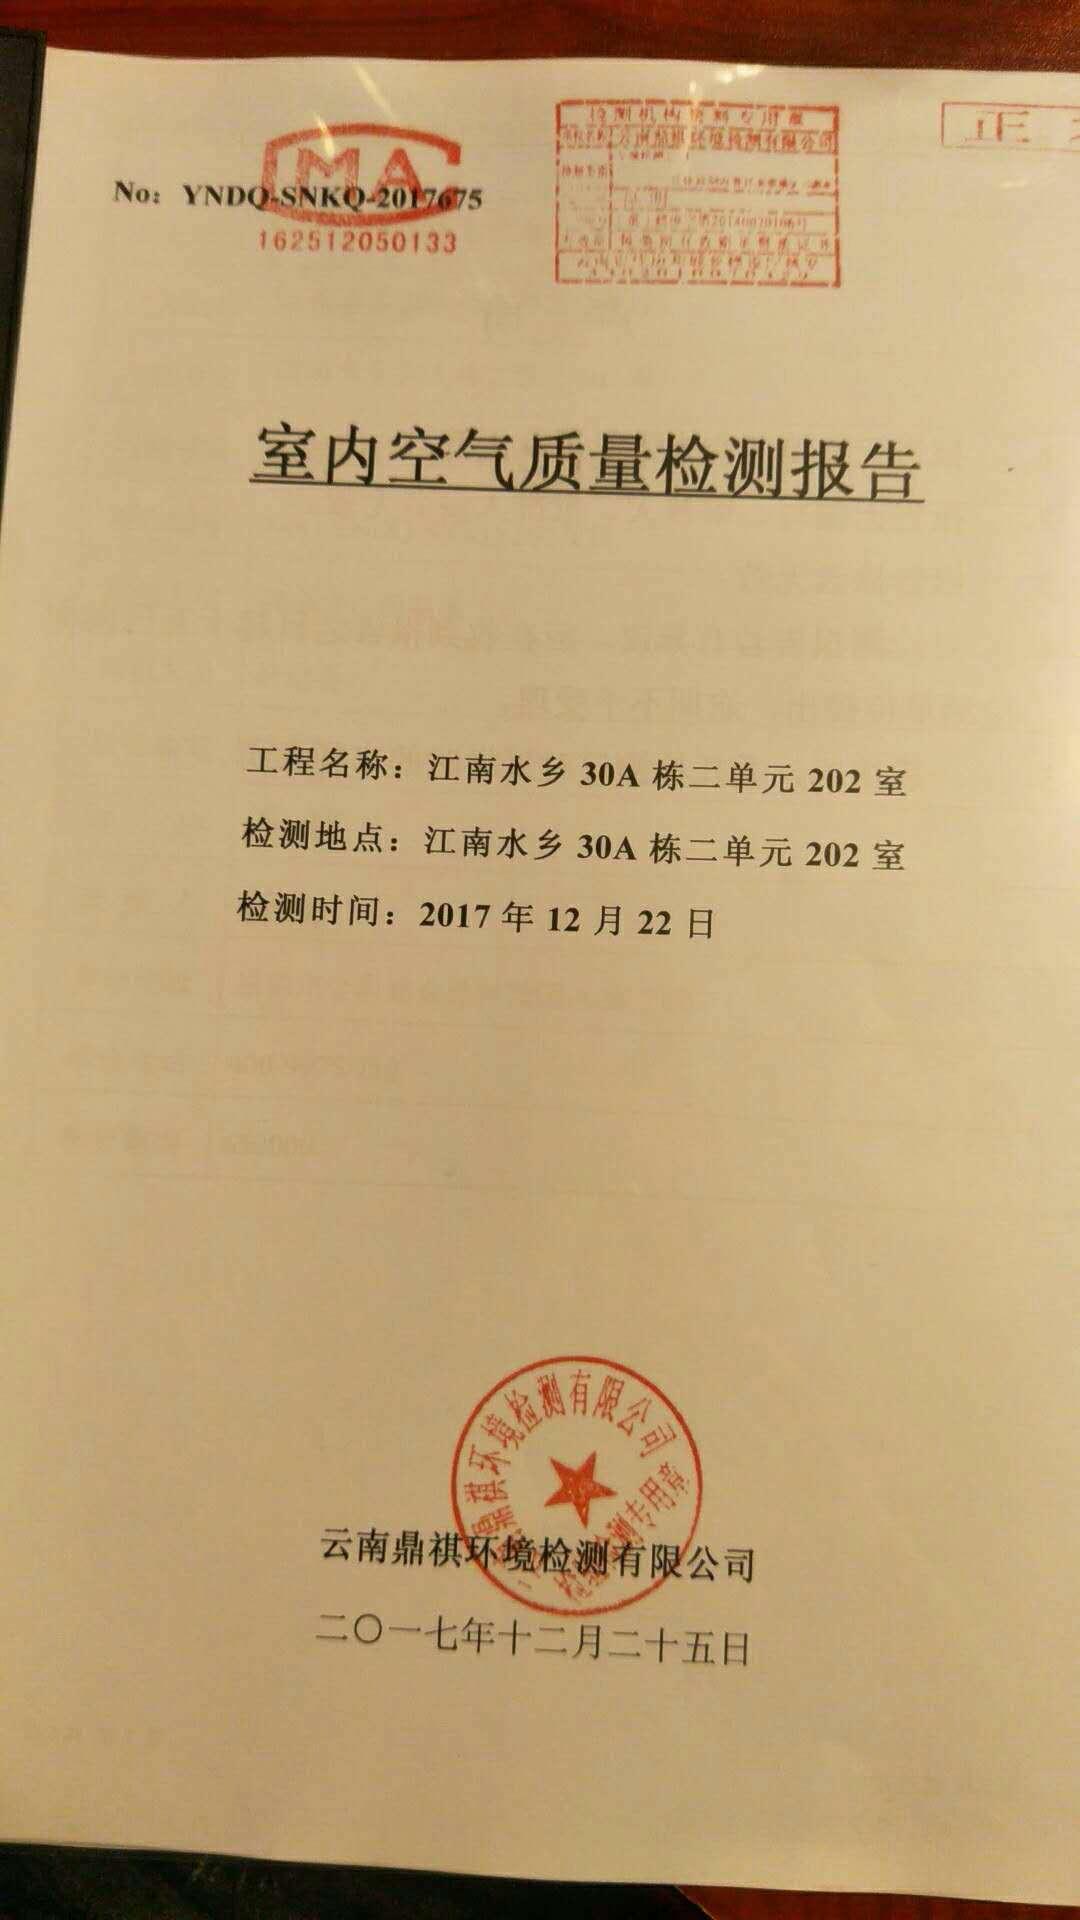 叶子环保受邀参加云南空气净化行业交流会|新闻动态-武汉小小叶子环保科技有限公司